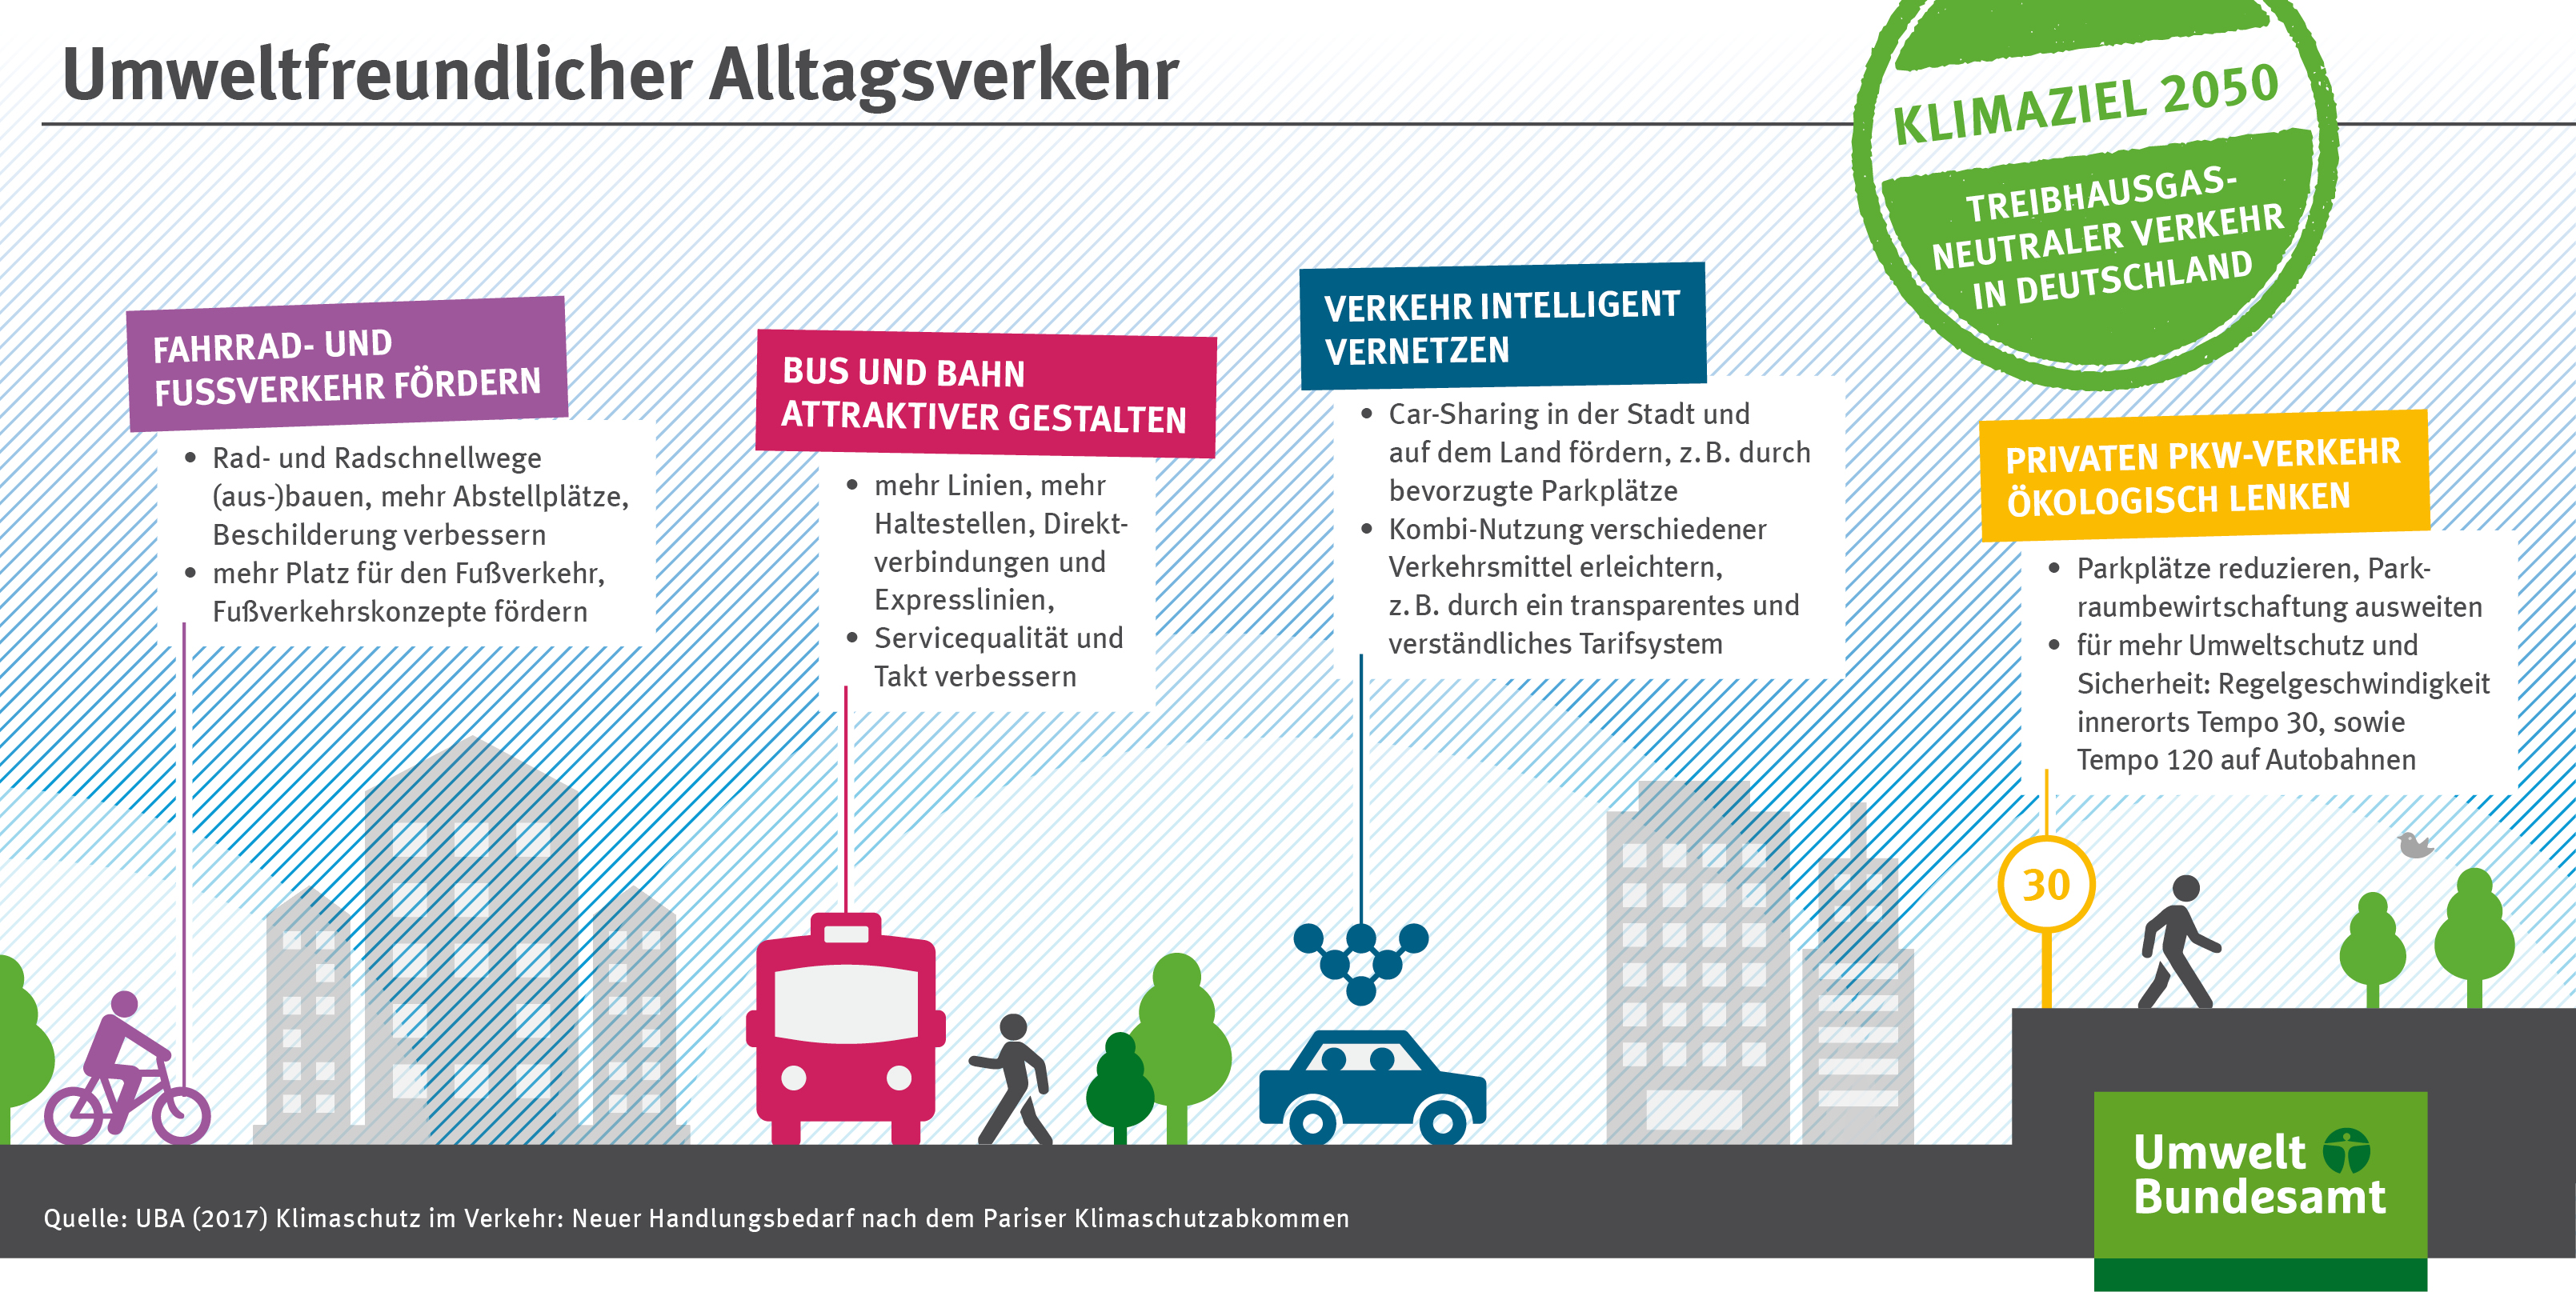 Die Grafik zeigt Maßnahmen, die einen umweltfreundlichen Alltagsverkehr fördern.